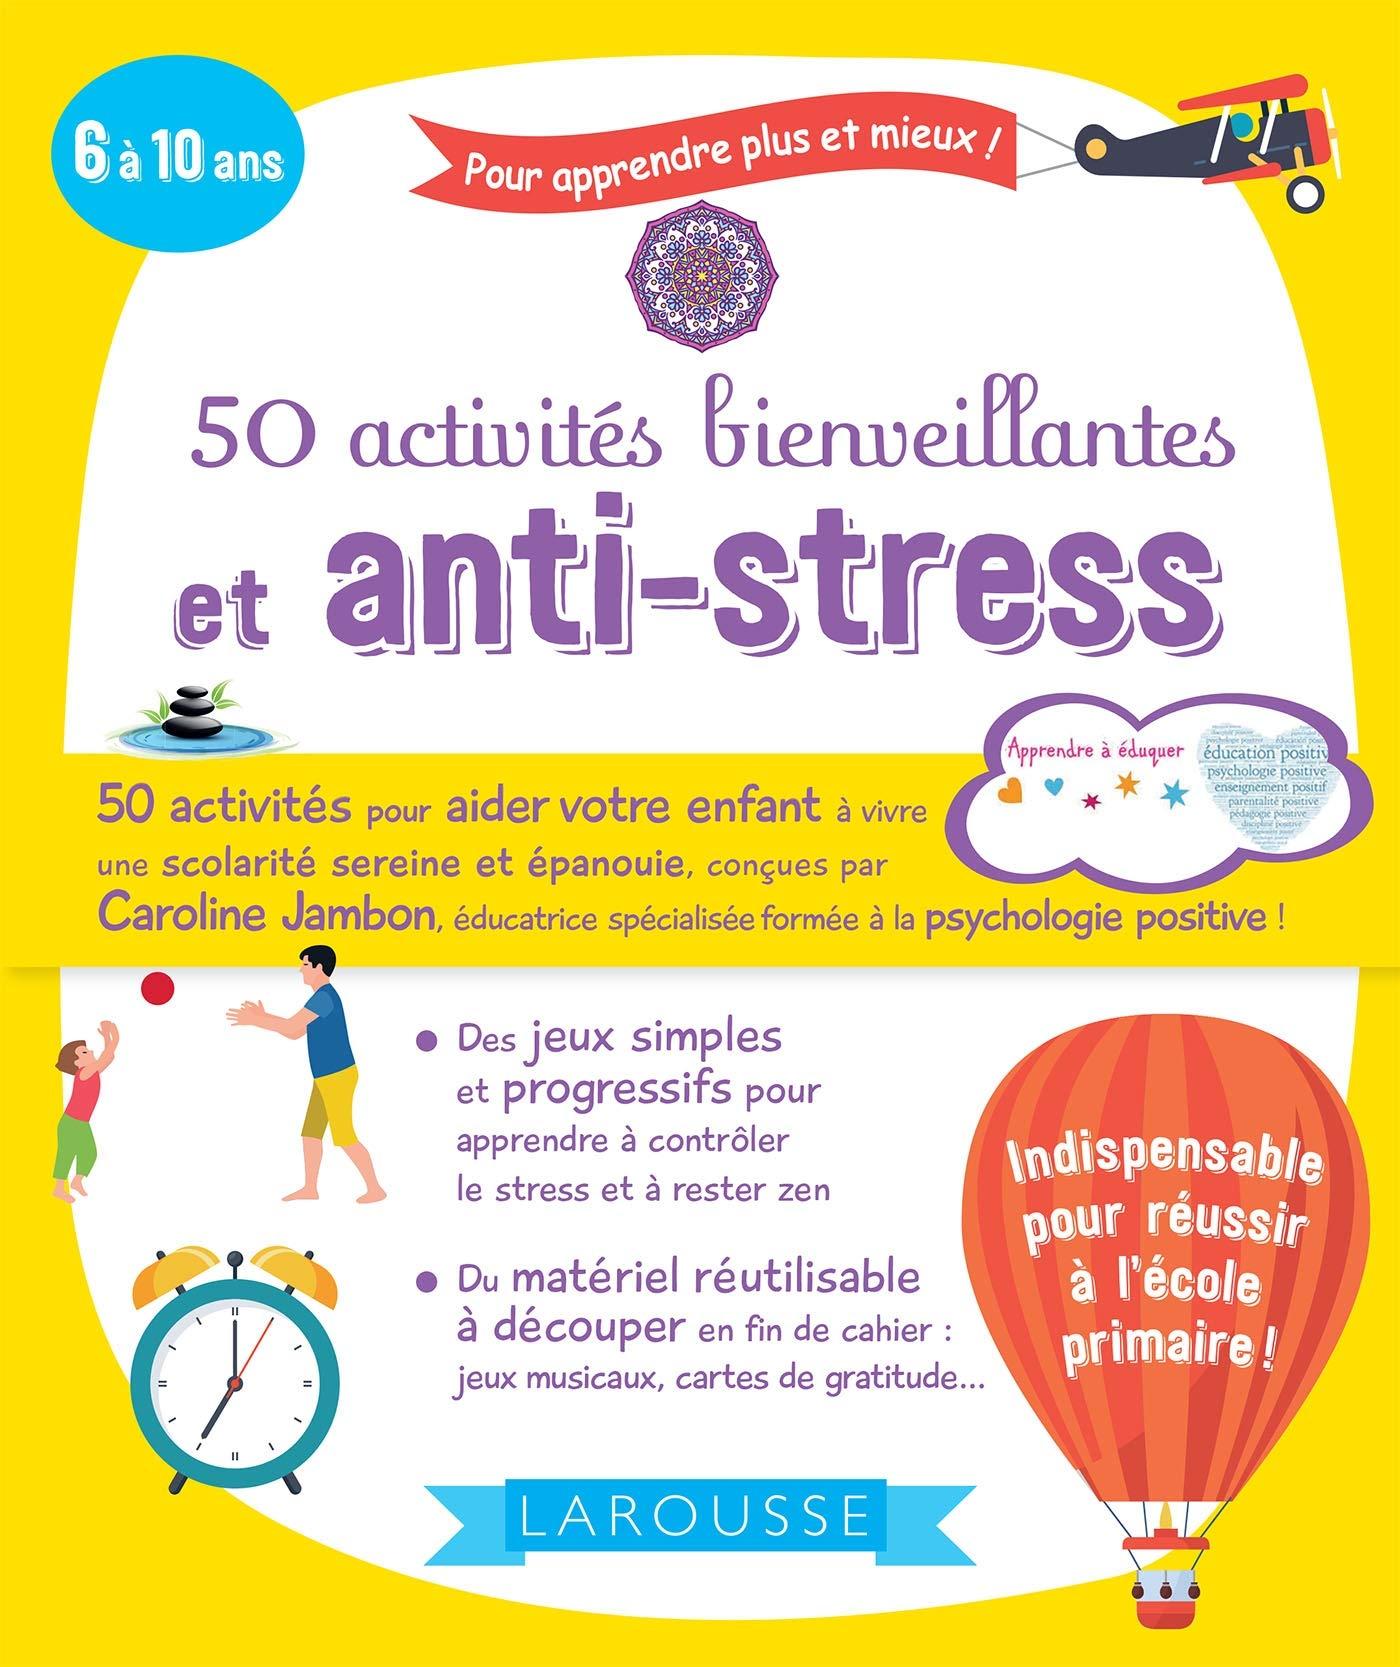 50 activités anti-stress pour apprendre efficacement (10/ 14 ans)